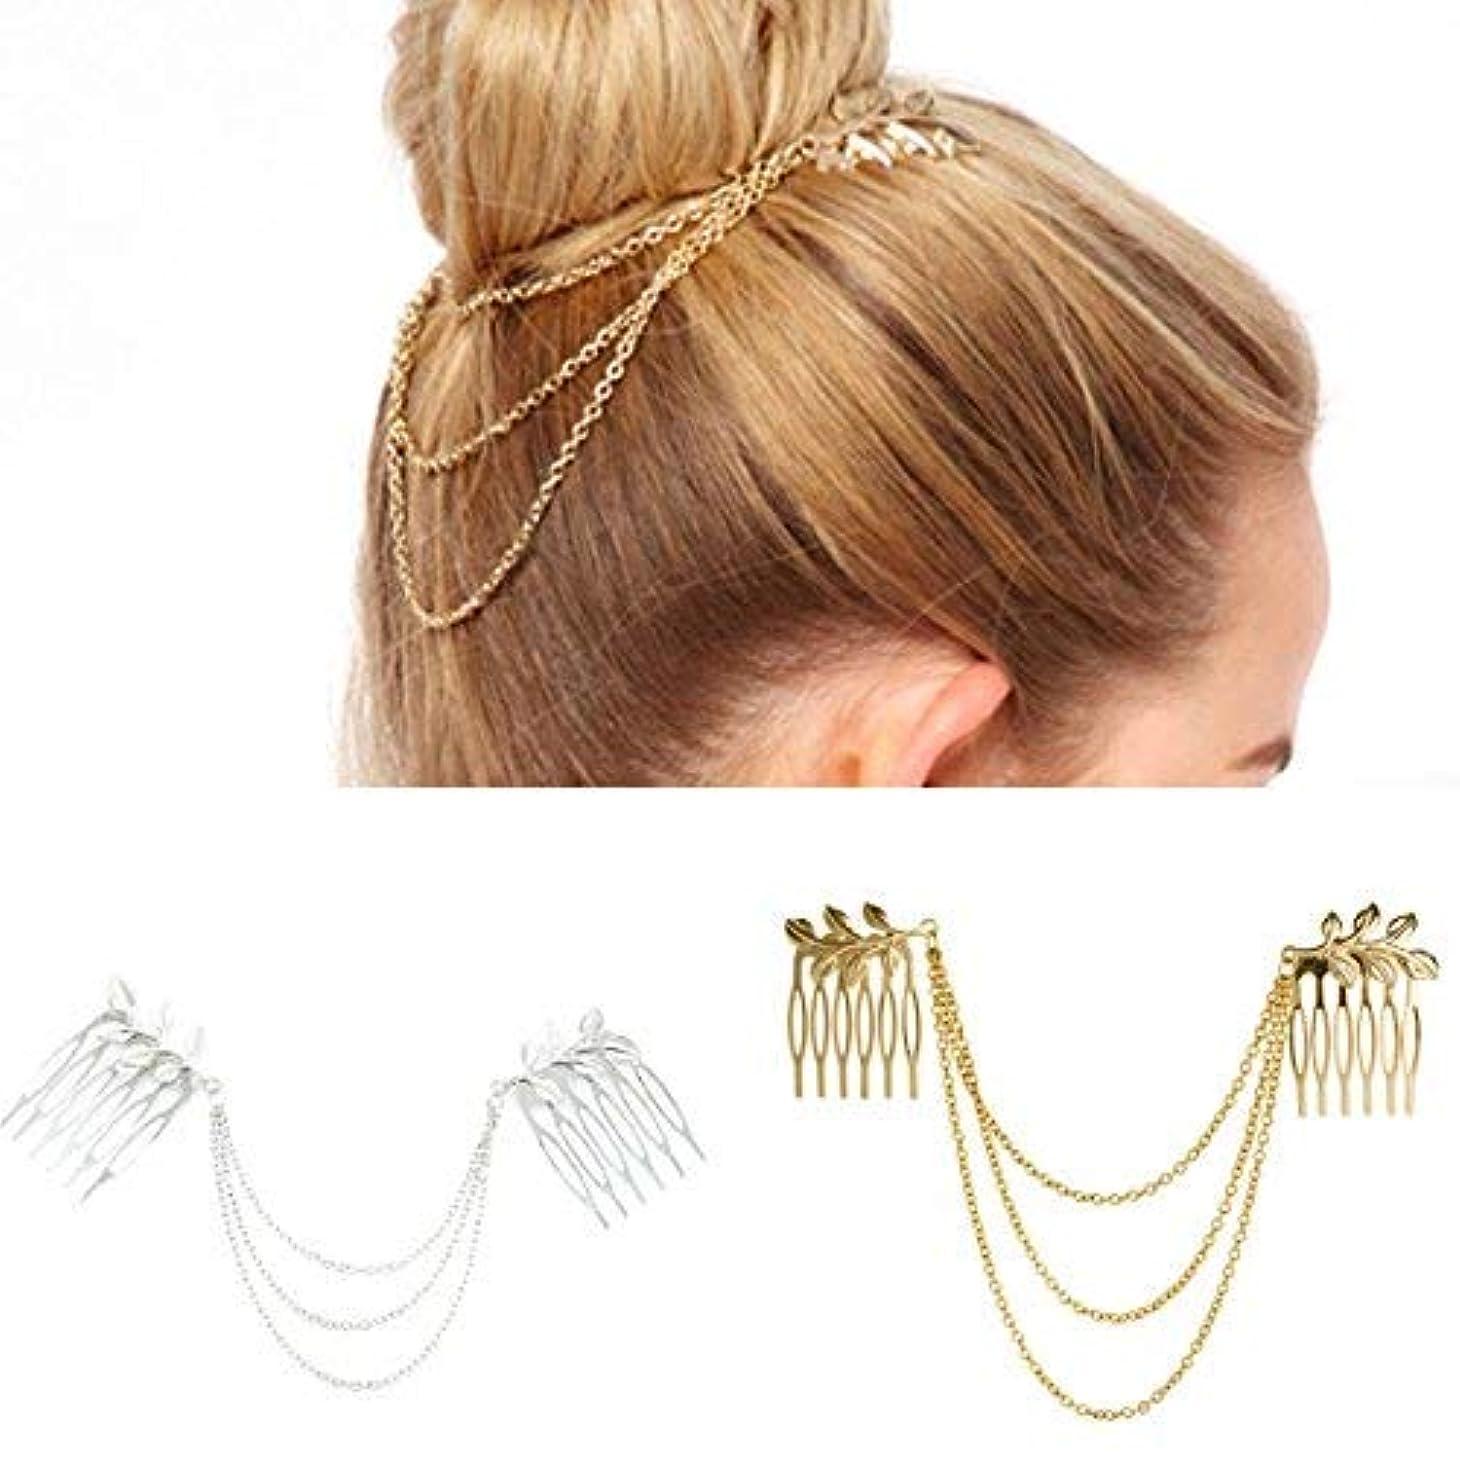 相反する乞食社交的Numblartd 2 Pcs Women BOHO Chic Metal Leaf Chain Tassel Headband Hair Comb - Fashion Fringe Hair Clip Pins Hairpin HeadPiece Head Band Headwear Hair Accessories for Wedding Party or Everyday Wear [並行輸入品]